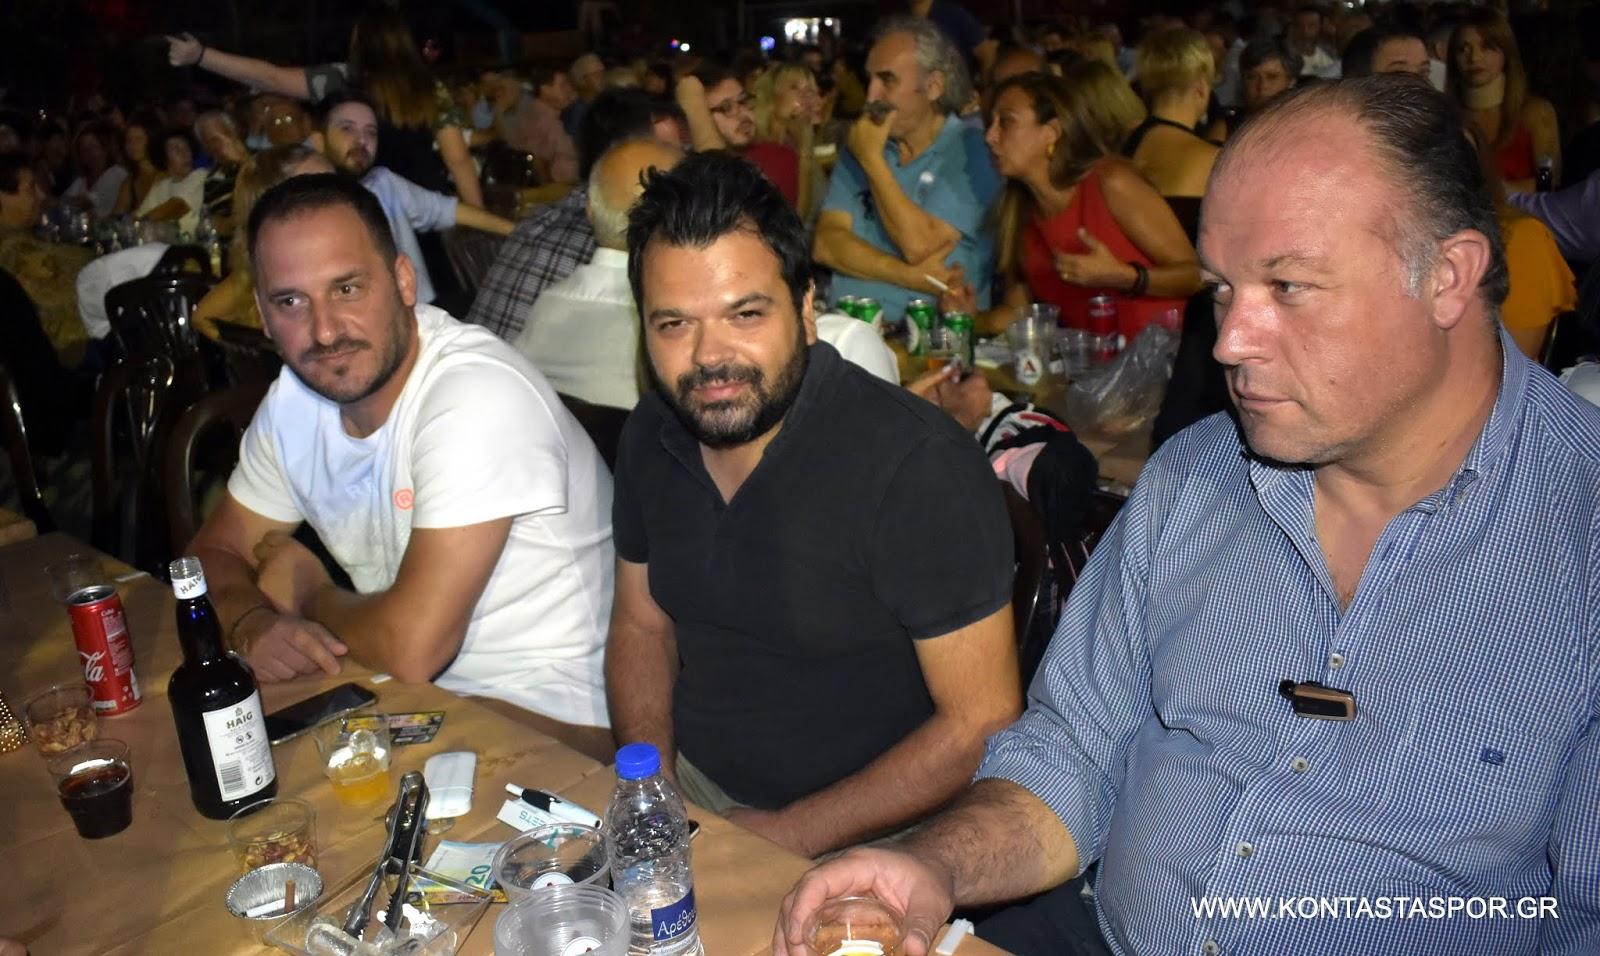 Με επιτυχία η λαική βραδιά  Αδαμαντίδη στα Ψαχνά (φωτογραφίες) 1 DSC 0015